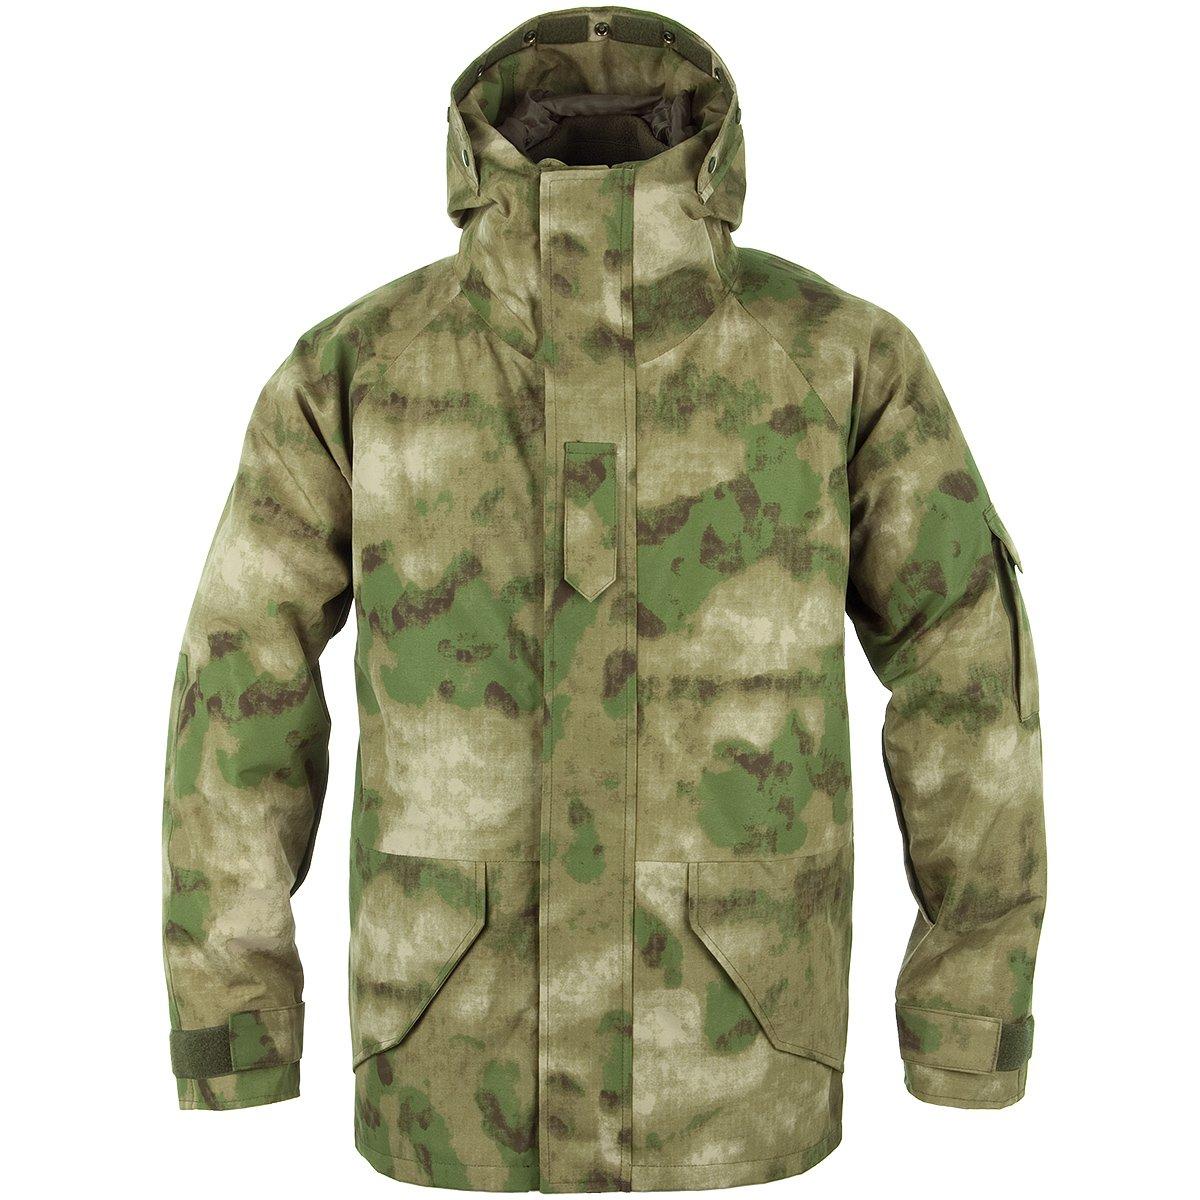 Mil-Tec ECWCS Jacket with Fleece MIL-TACS FG size 3XL